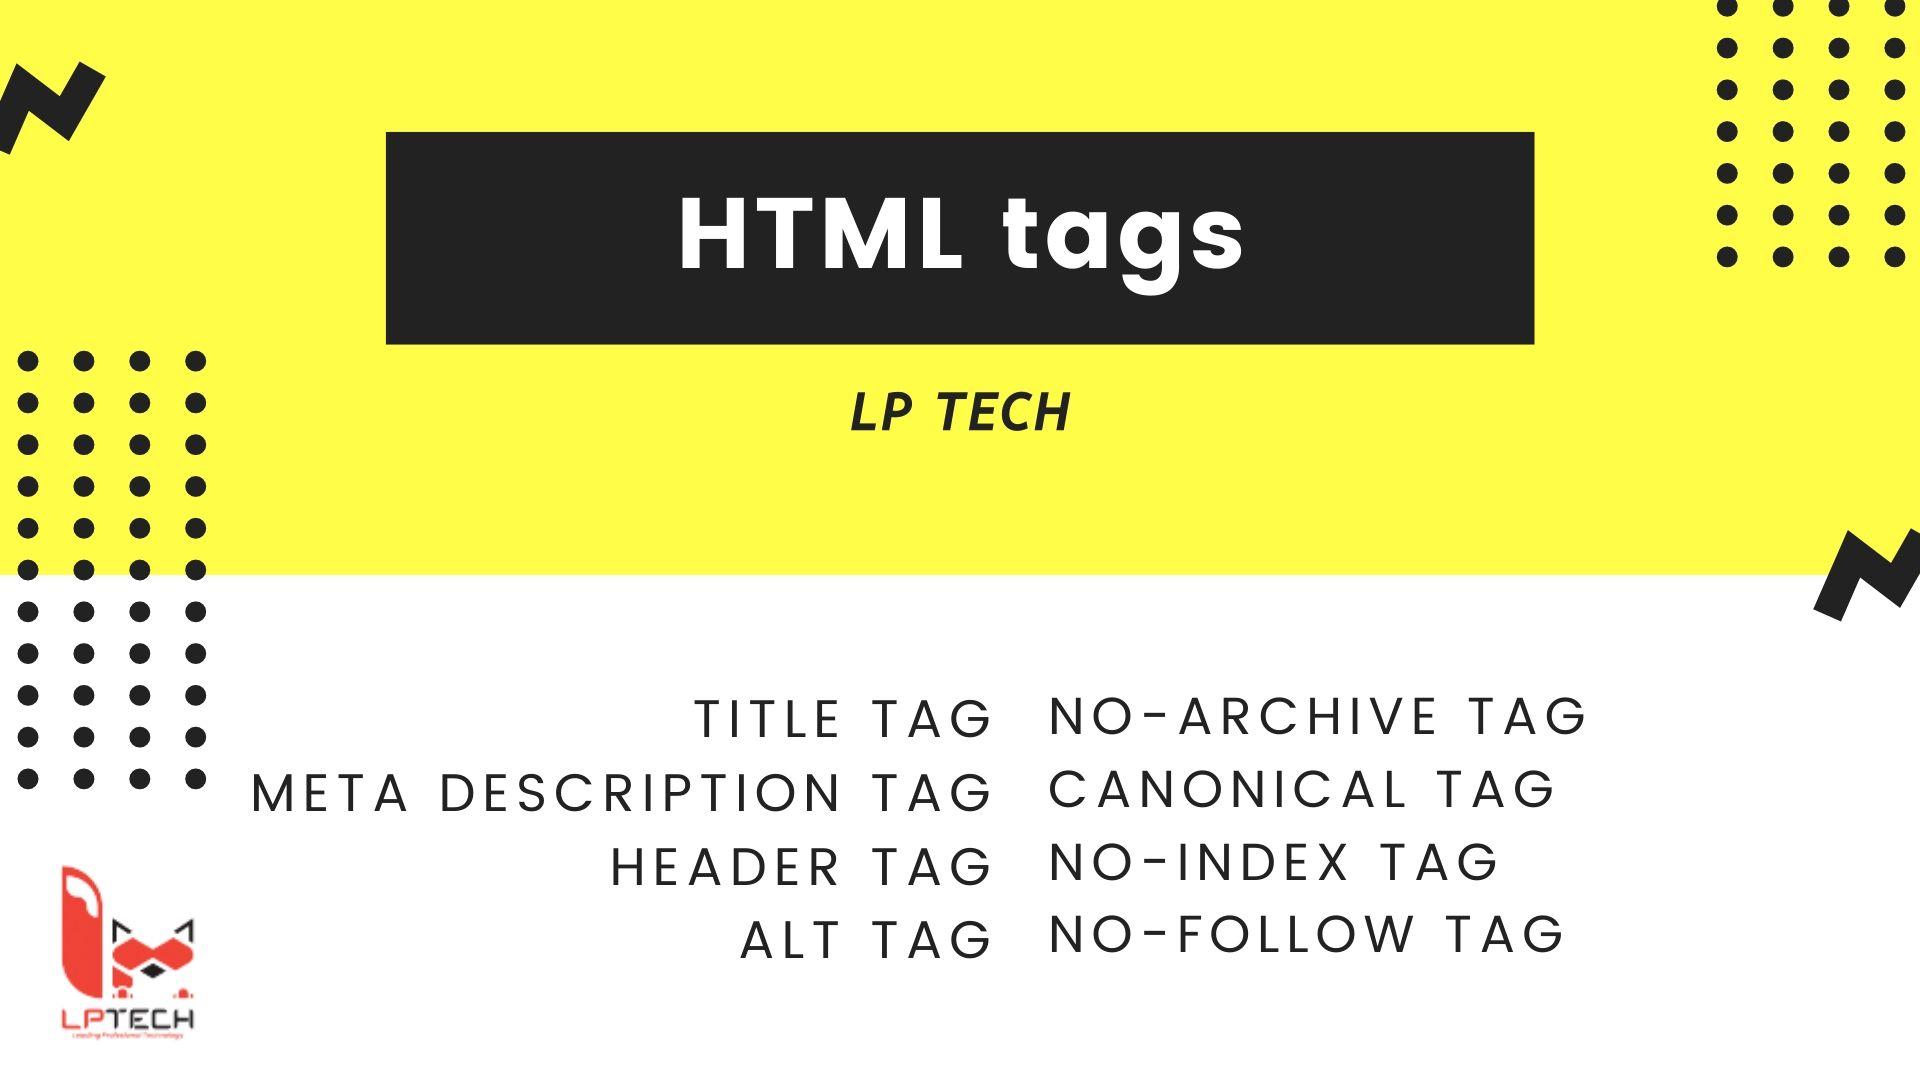 Liệt kê 8 loại HTML tags quan trọng đối với SEO